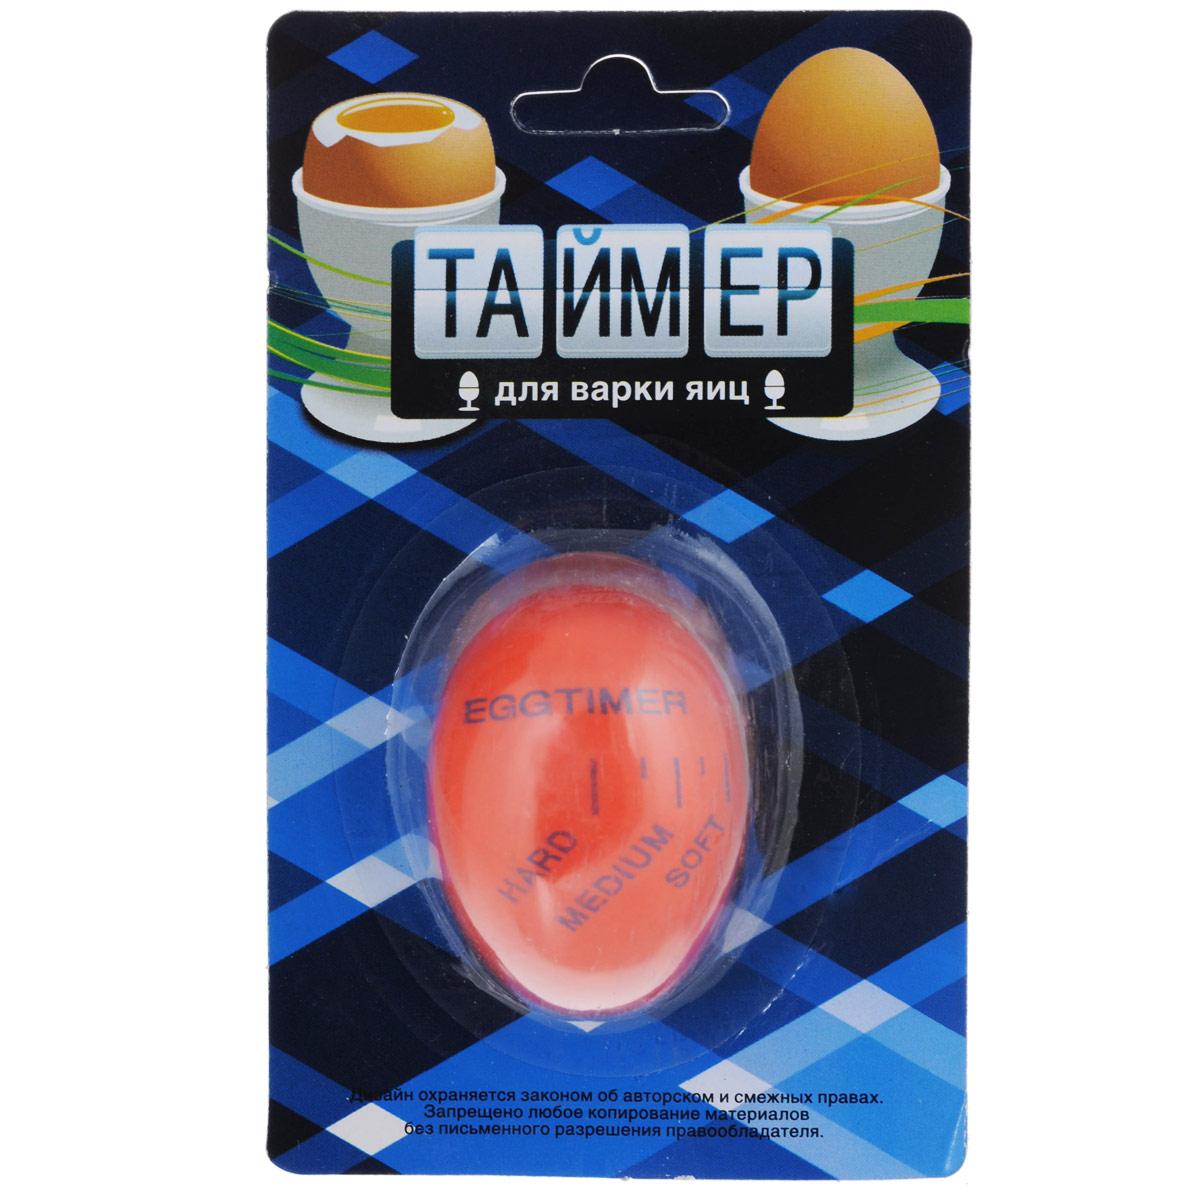 Таймер для варки яиц Egg Timer91066/94201Таймер для варки яиц Эврика Egg Timer поможет вам приготовить яйца вкрутую, всмятку или в мешочек, не засекая времени. Теперь вы сможете без труда угодить всей семье, приготовив для каждого яйца так, как он любит. Это очень удобно и экономит время. Таймер для варки яиц Эврика Egg Timer станет вашим маленьким оригинальным помощником на кухне и позволит стать настоящим экспертом в приготовлении яиц по различным рецептам. Таймер прост в использовании - достаточно лишь поместить его вместе с яйцами при варке и наблюдать. Датчик внутри таймера укажет на степень сваривания яйца.